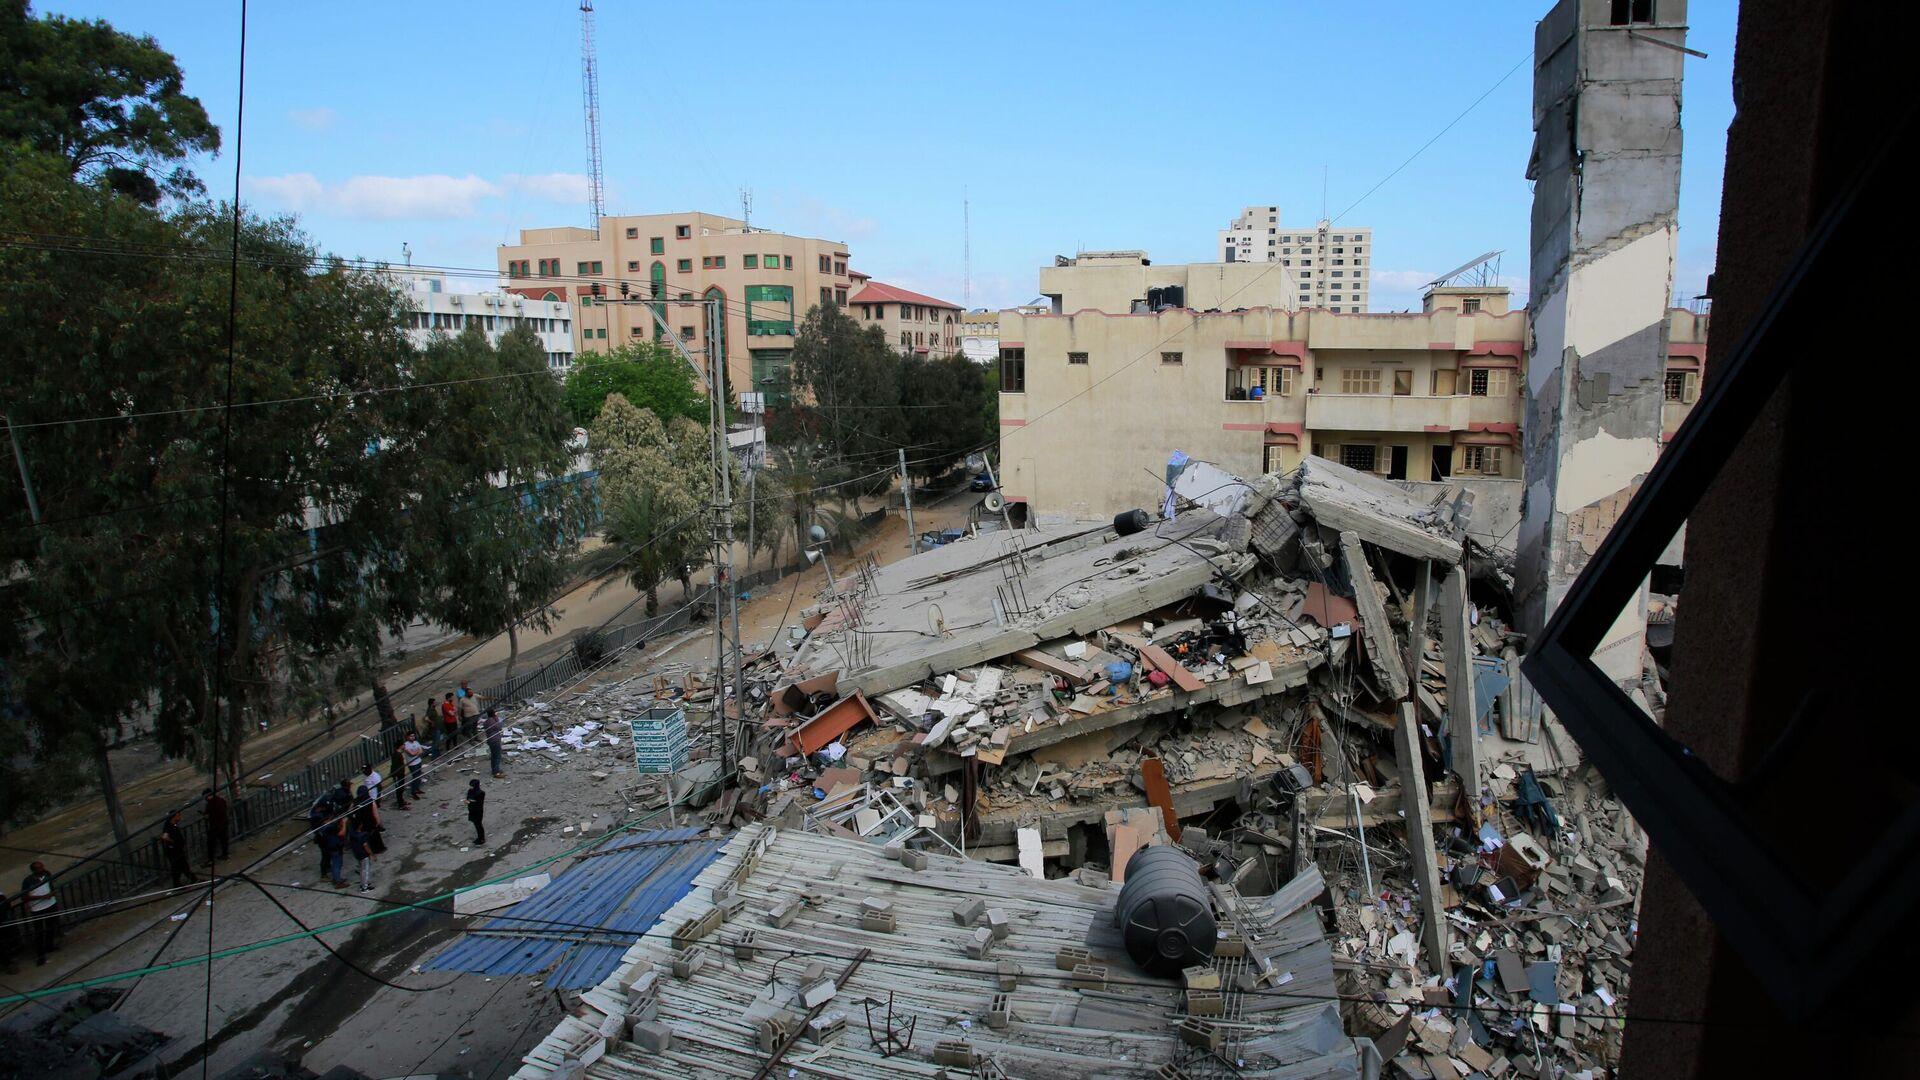 Разрушенные в результате бомбардировки здания в секторе Газа - РИА Новости, 1920, 19.05.2021